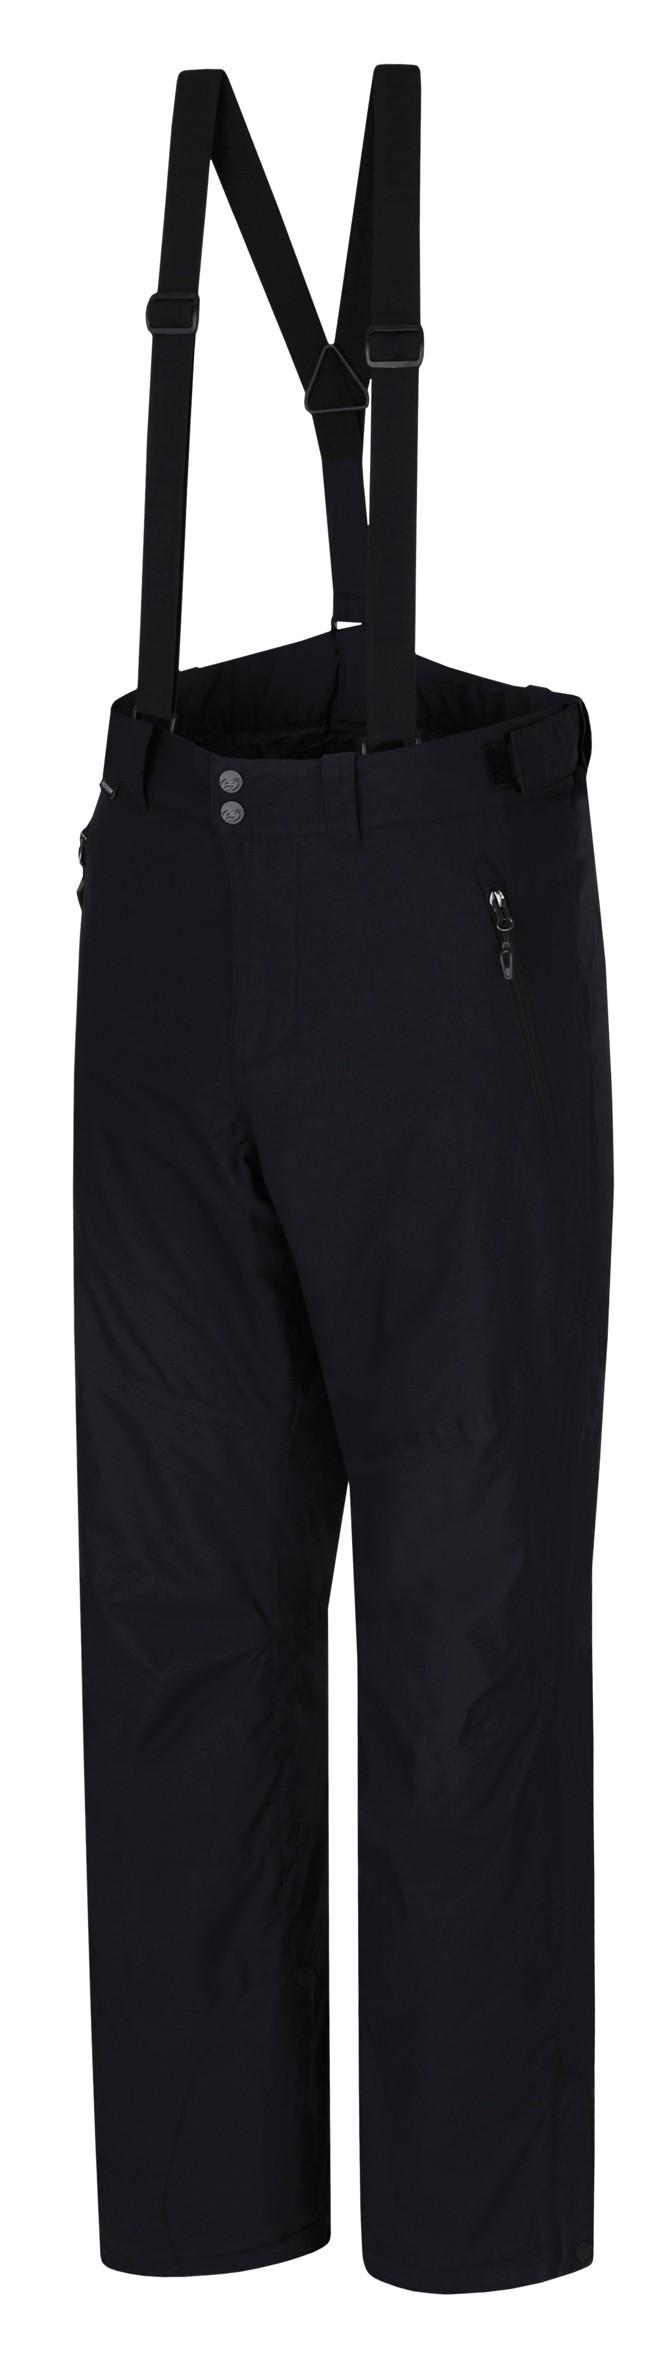 Pantaloni de ski Hannah Grant - Antracit